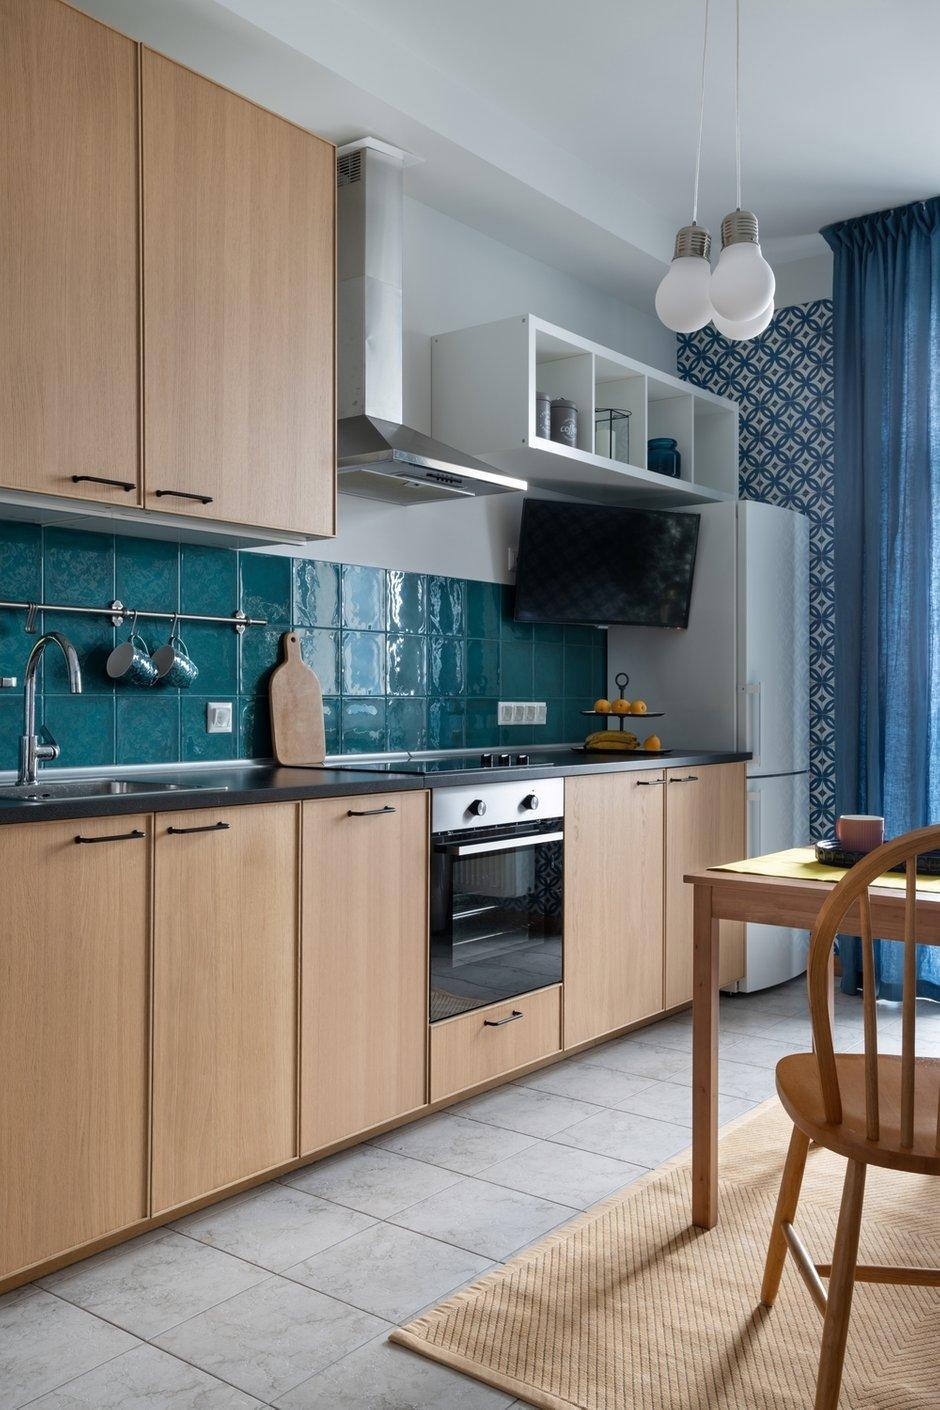 Фотография: Кухня и столовая в стиле Современный, Малогабаритная квартира, Квартира, Проект недели, Москва, 1 комната, 40-60 метров, Светлана Краснова – фото на INMYROOM